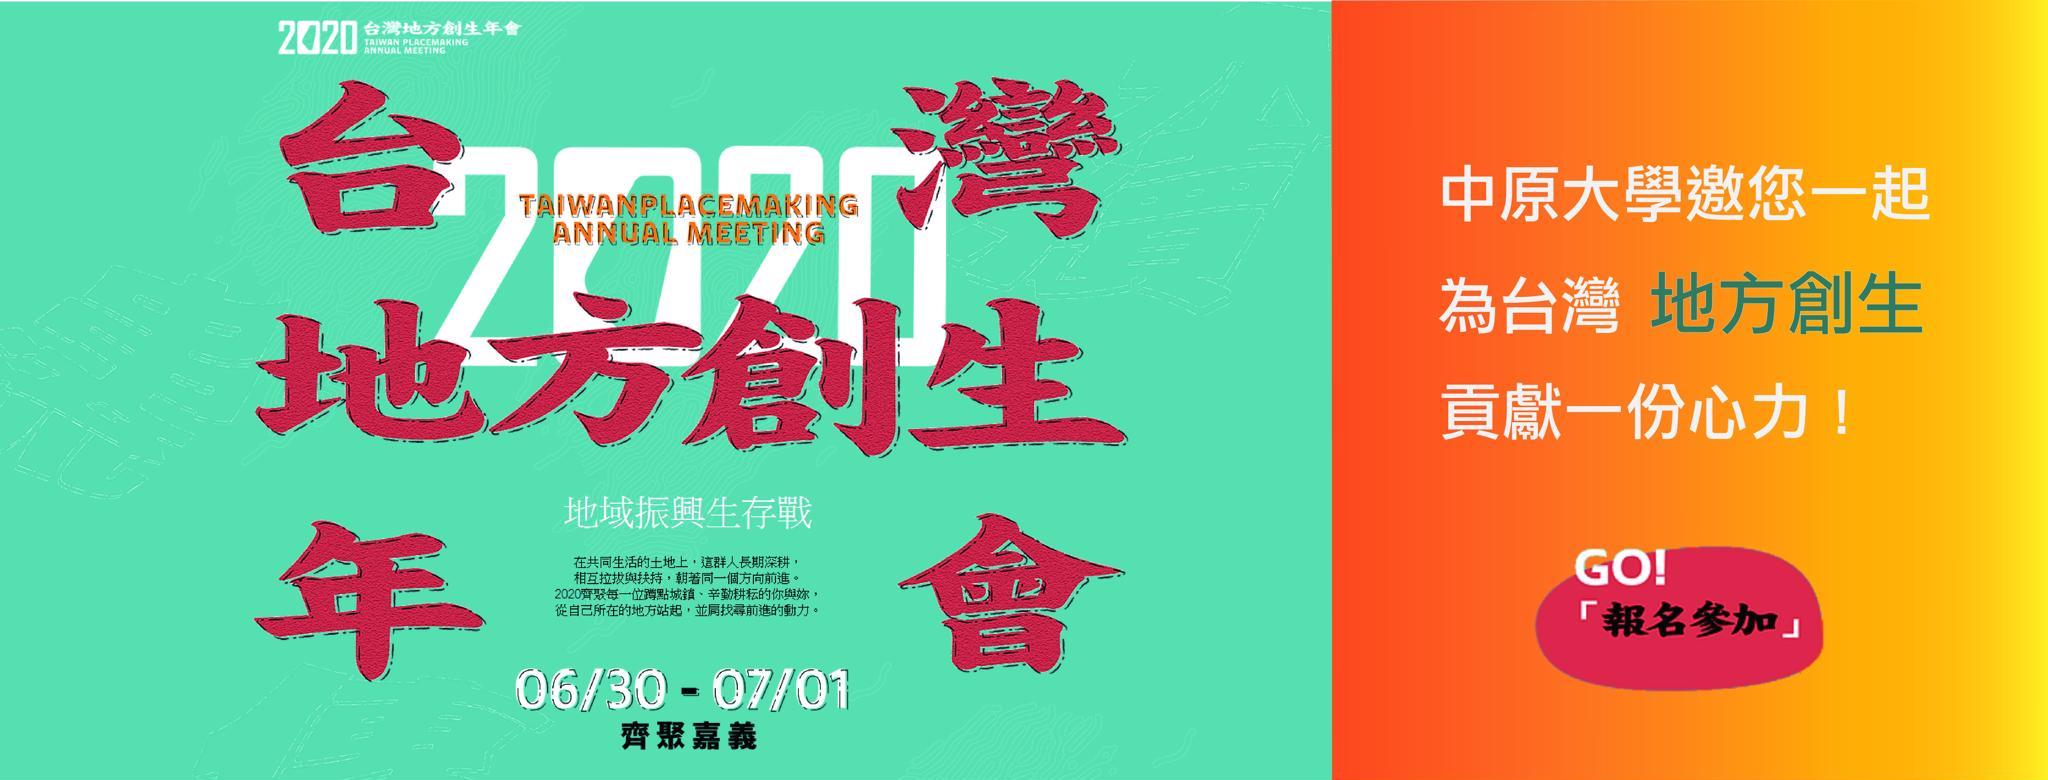 2020台灣地方創生年會 - 地域振興生存戰